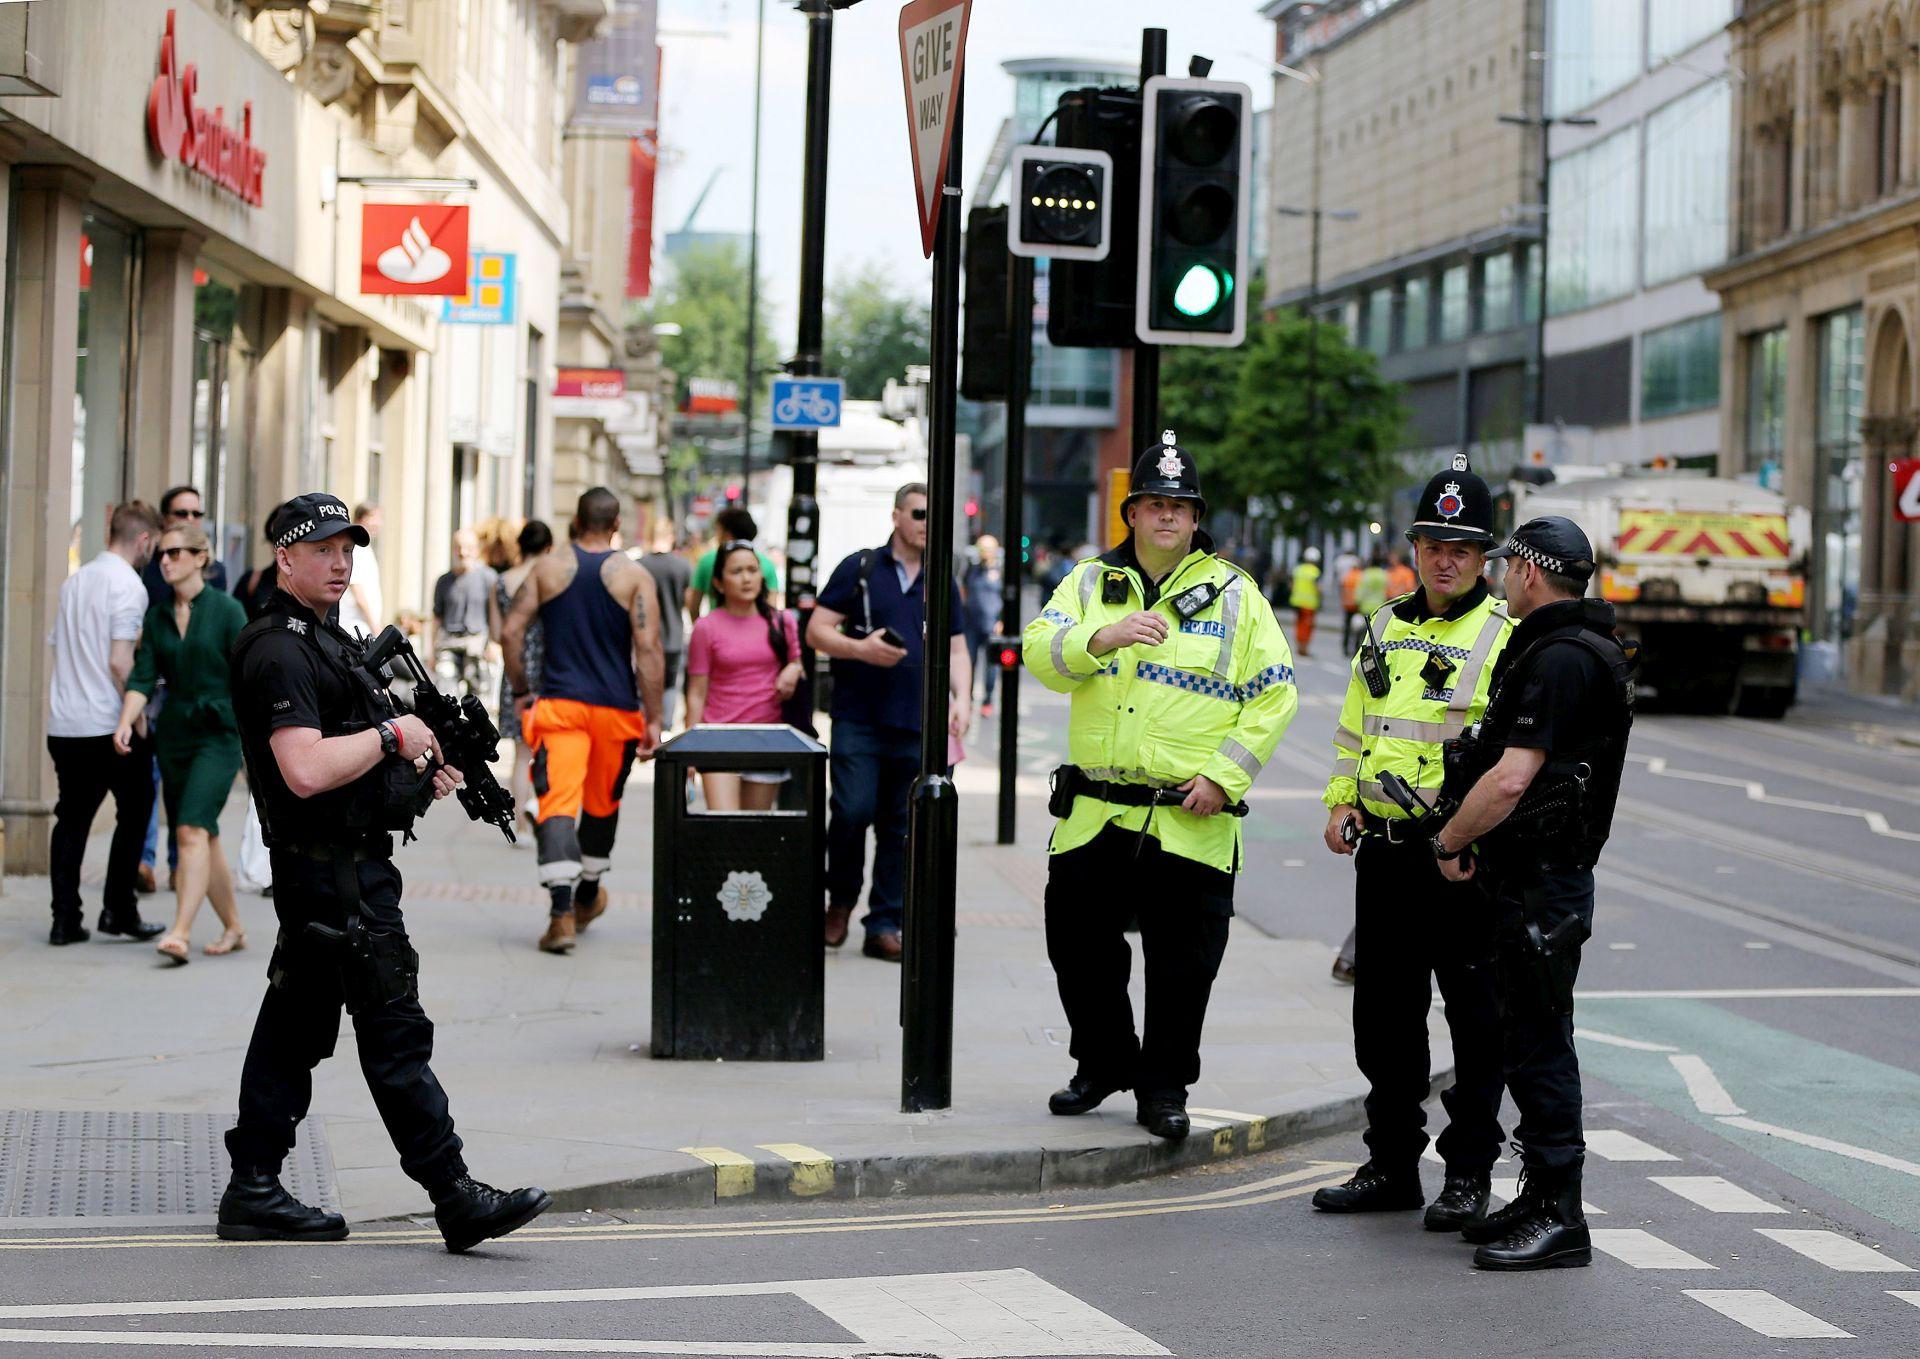 Britanija budna i združena protiv terorizma